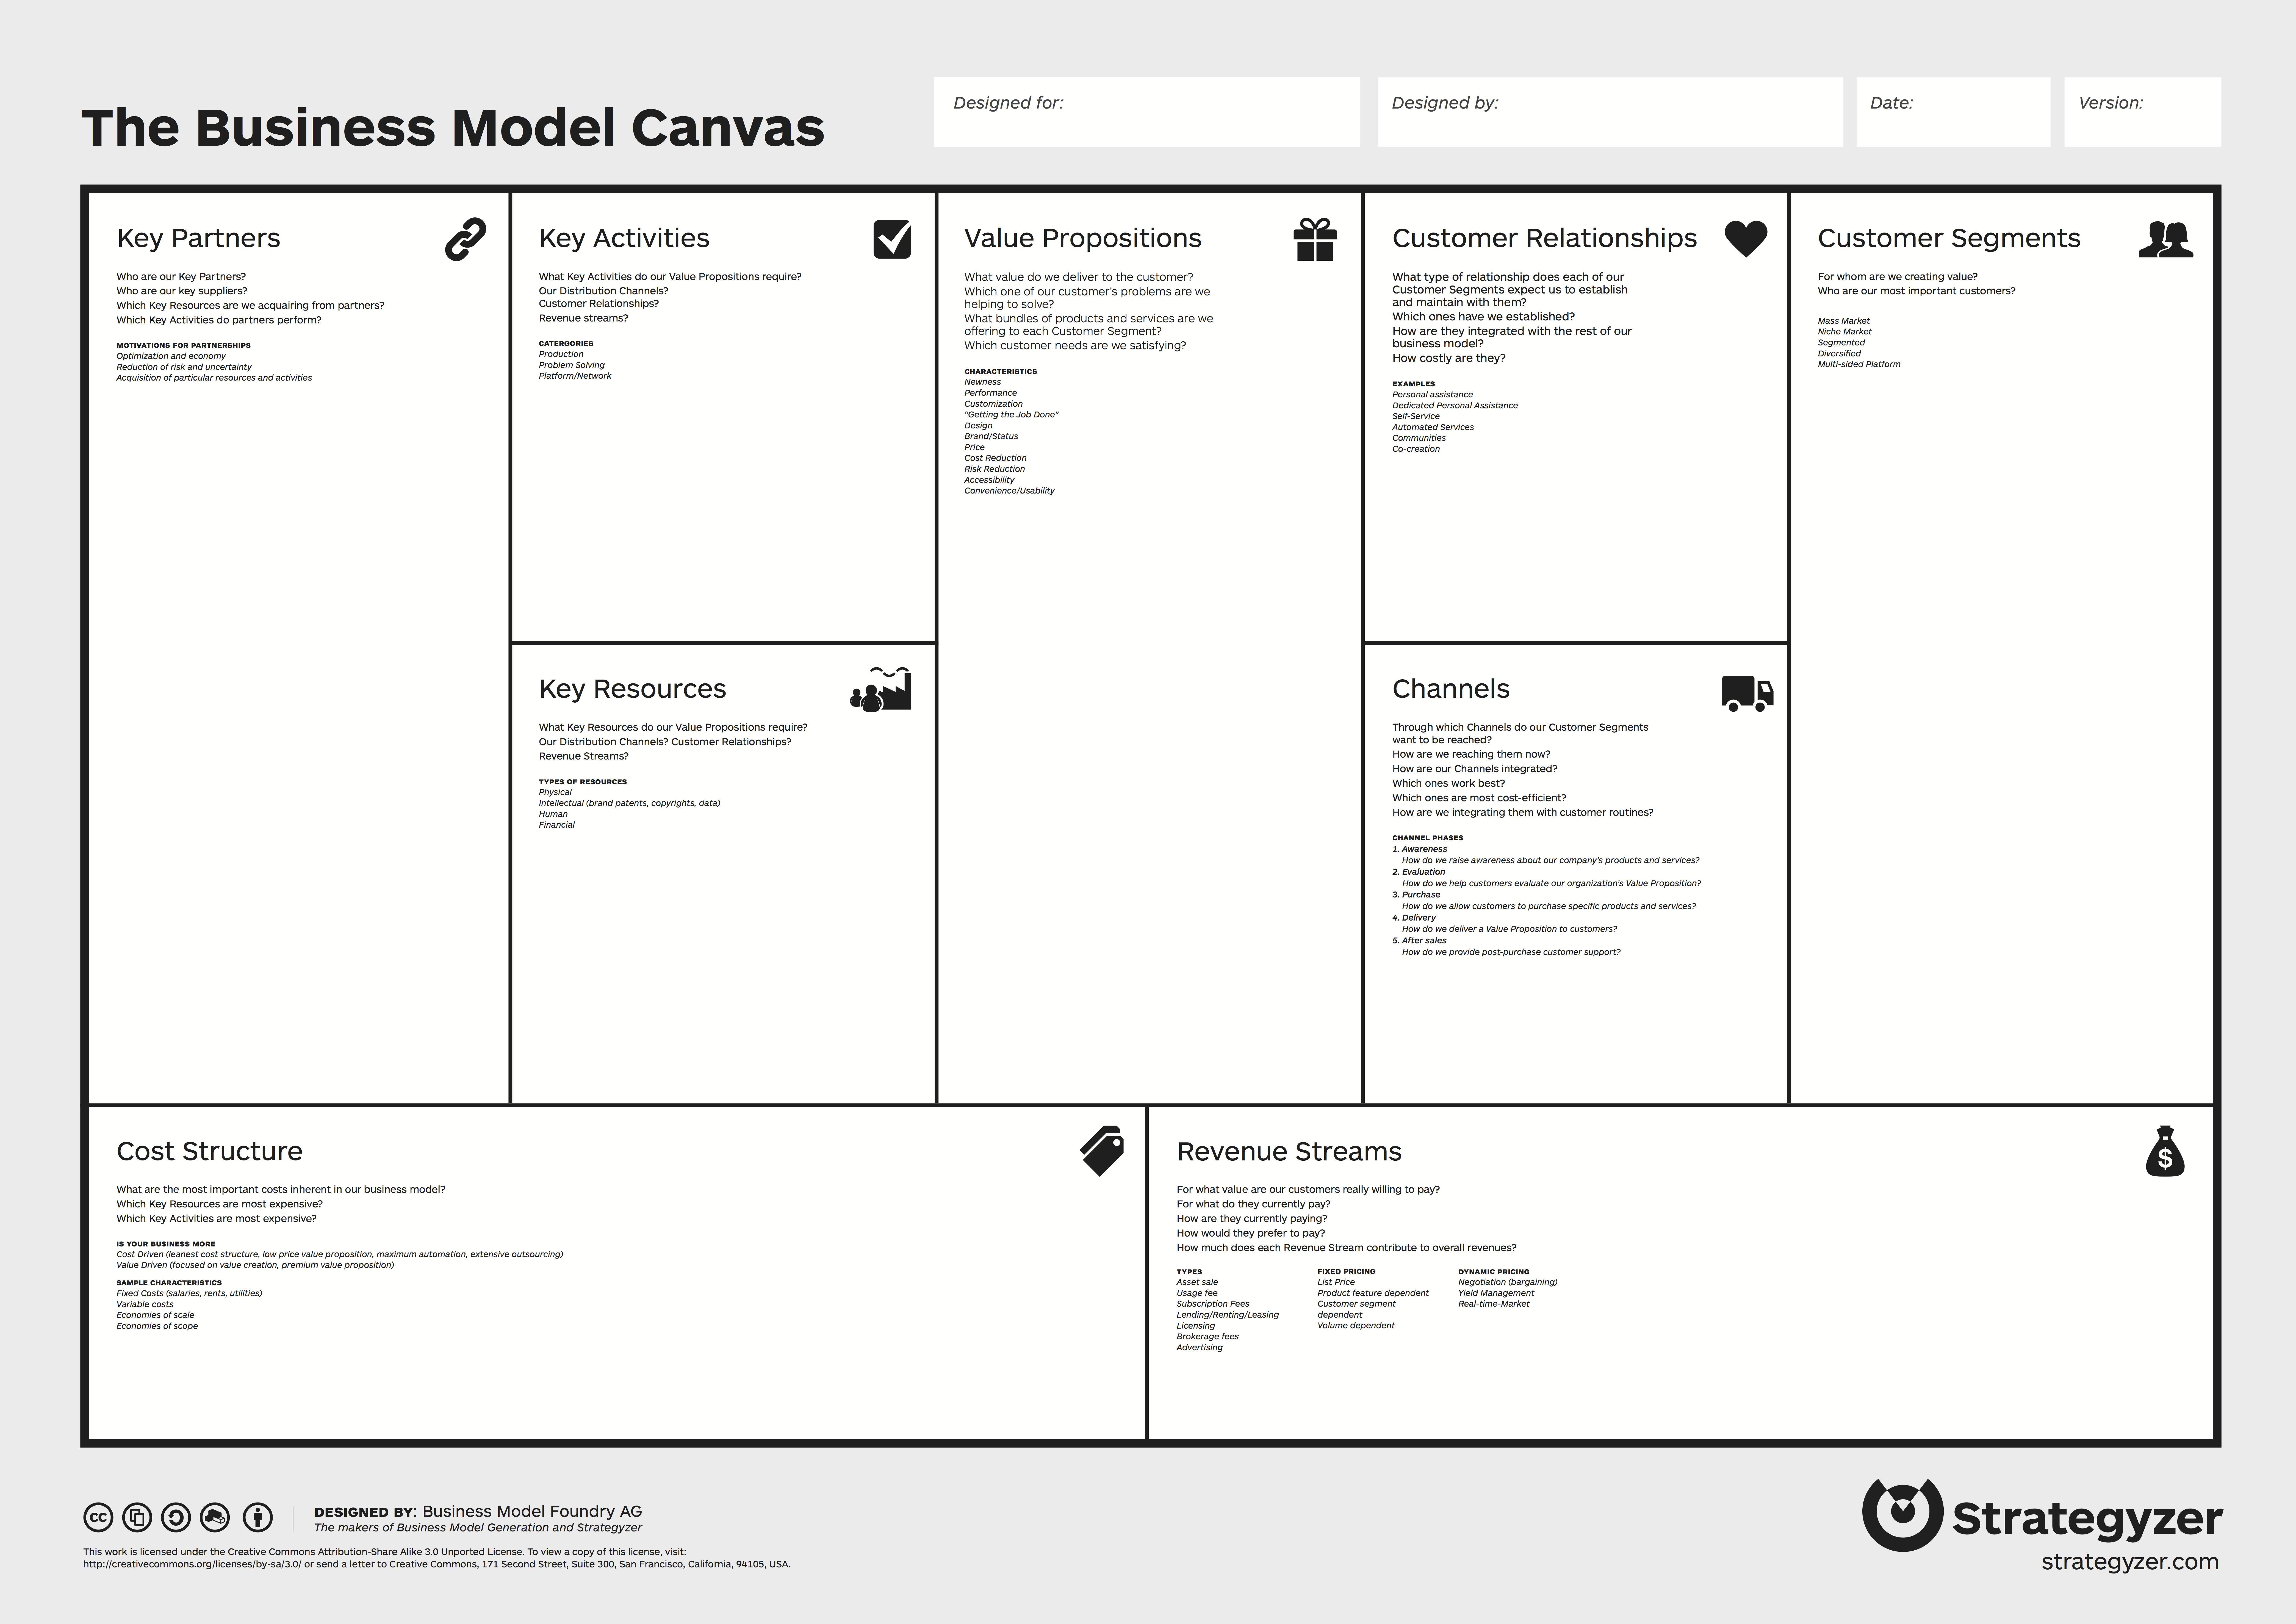 Business Model Canvas sangat membantu sekali pada tahap perencanaan, eksekusi, dan evaluasi suatu bisnis